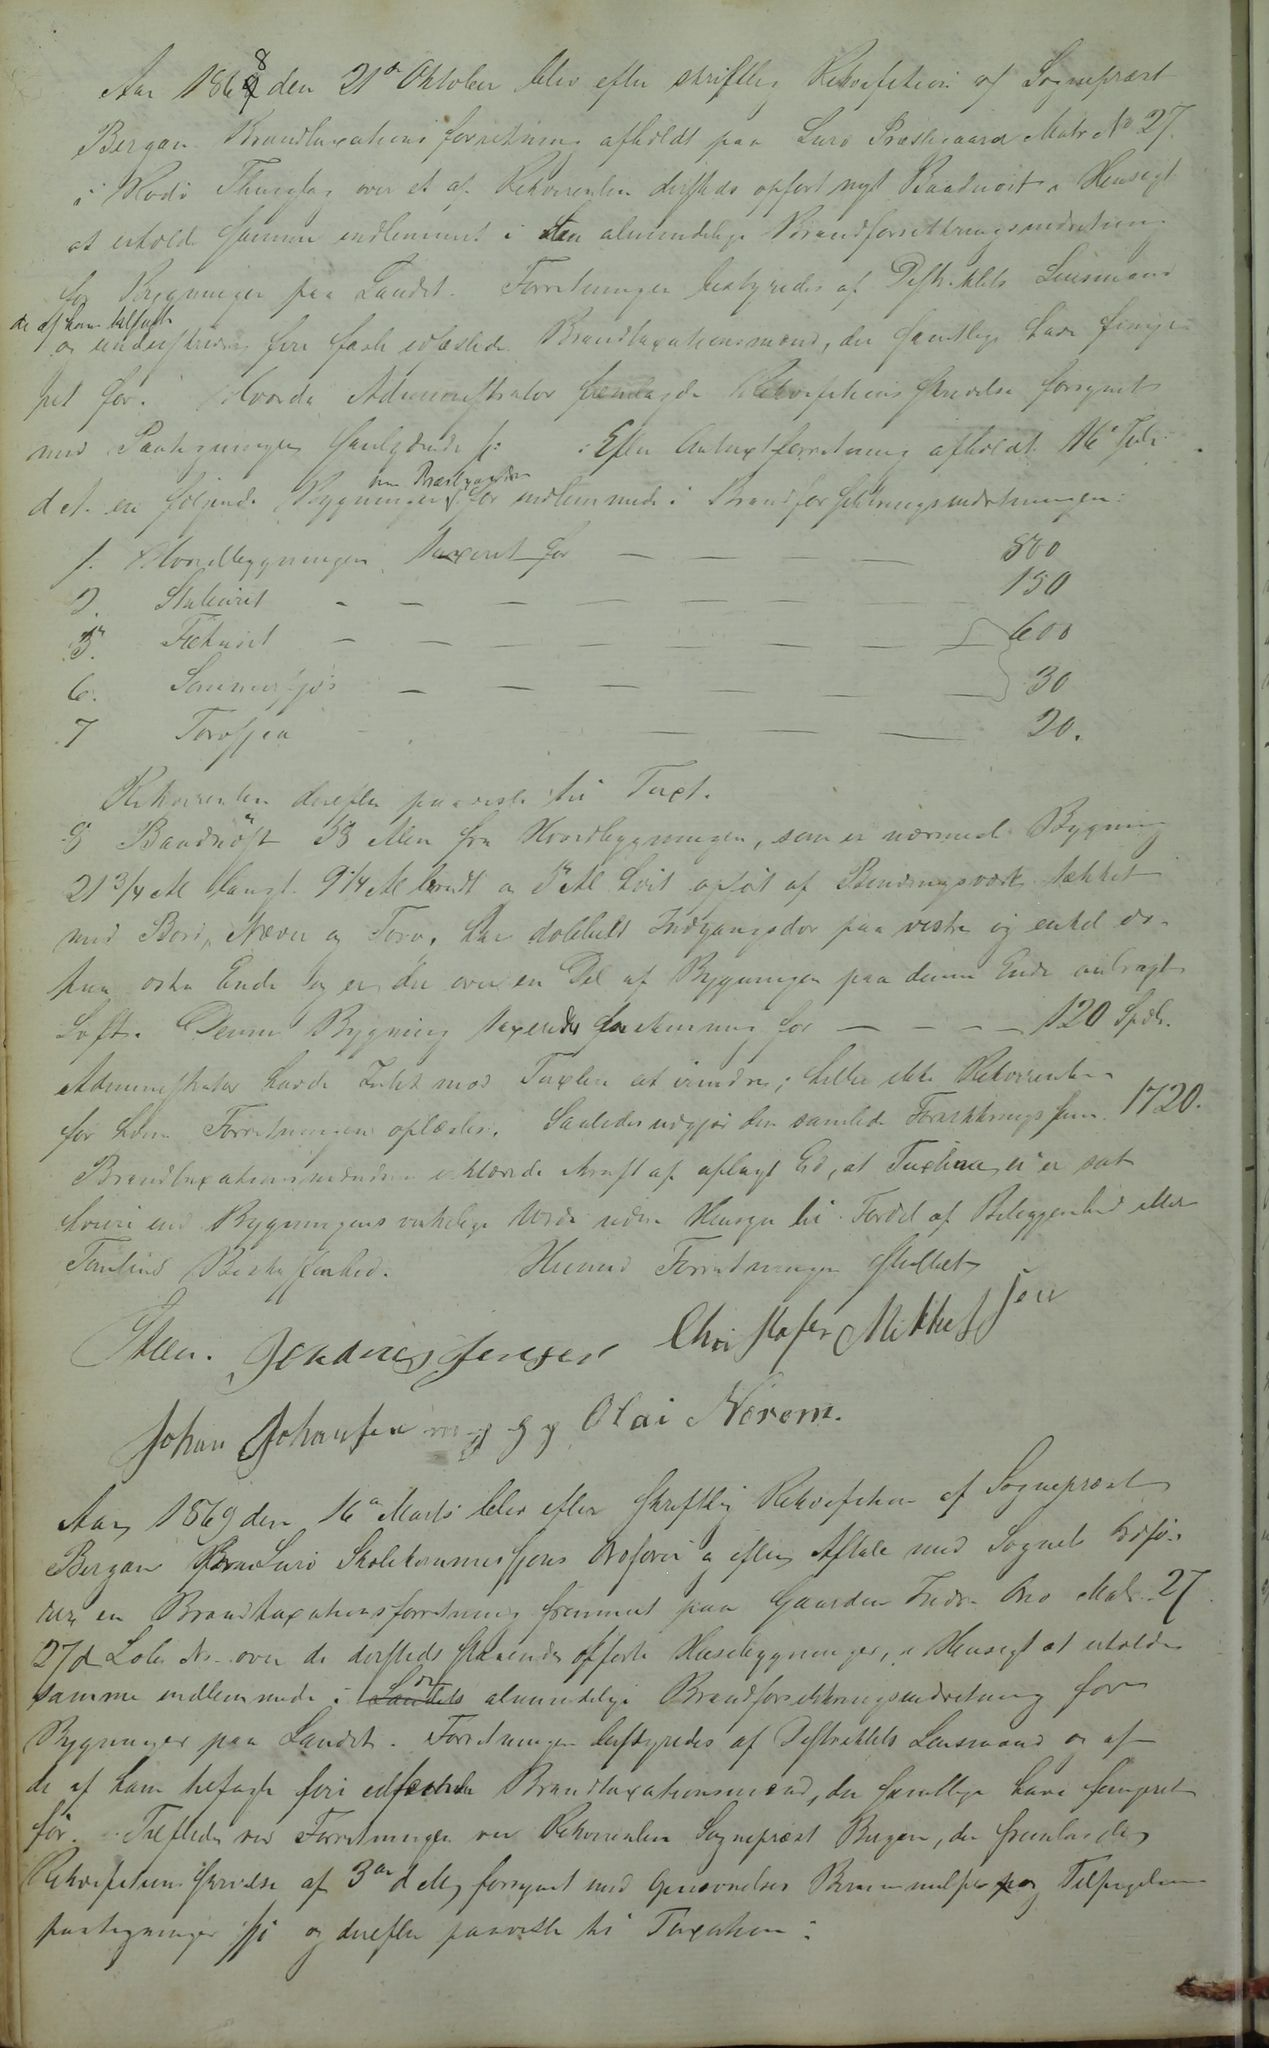 AIN, Lurøy kommune. Formannskapet, 100/L0001: Møtebok, 1836-1898, s. 57b